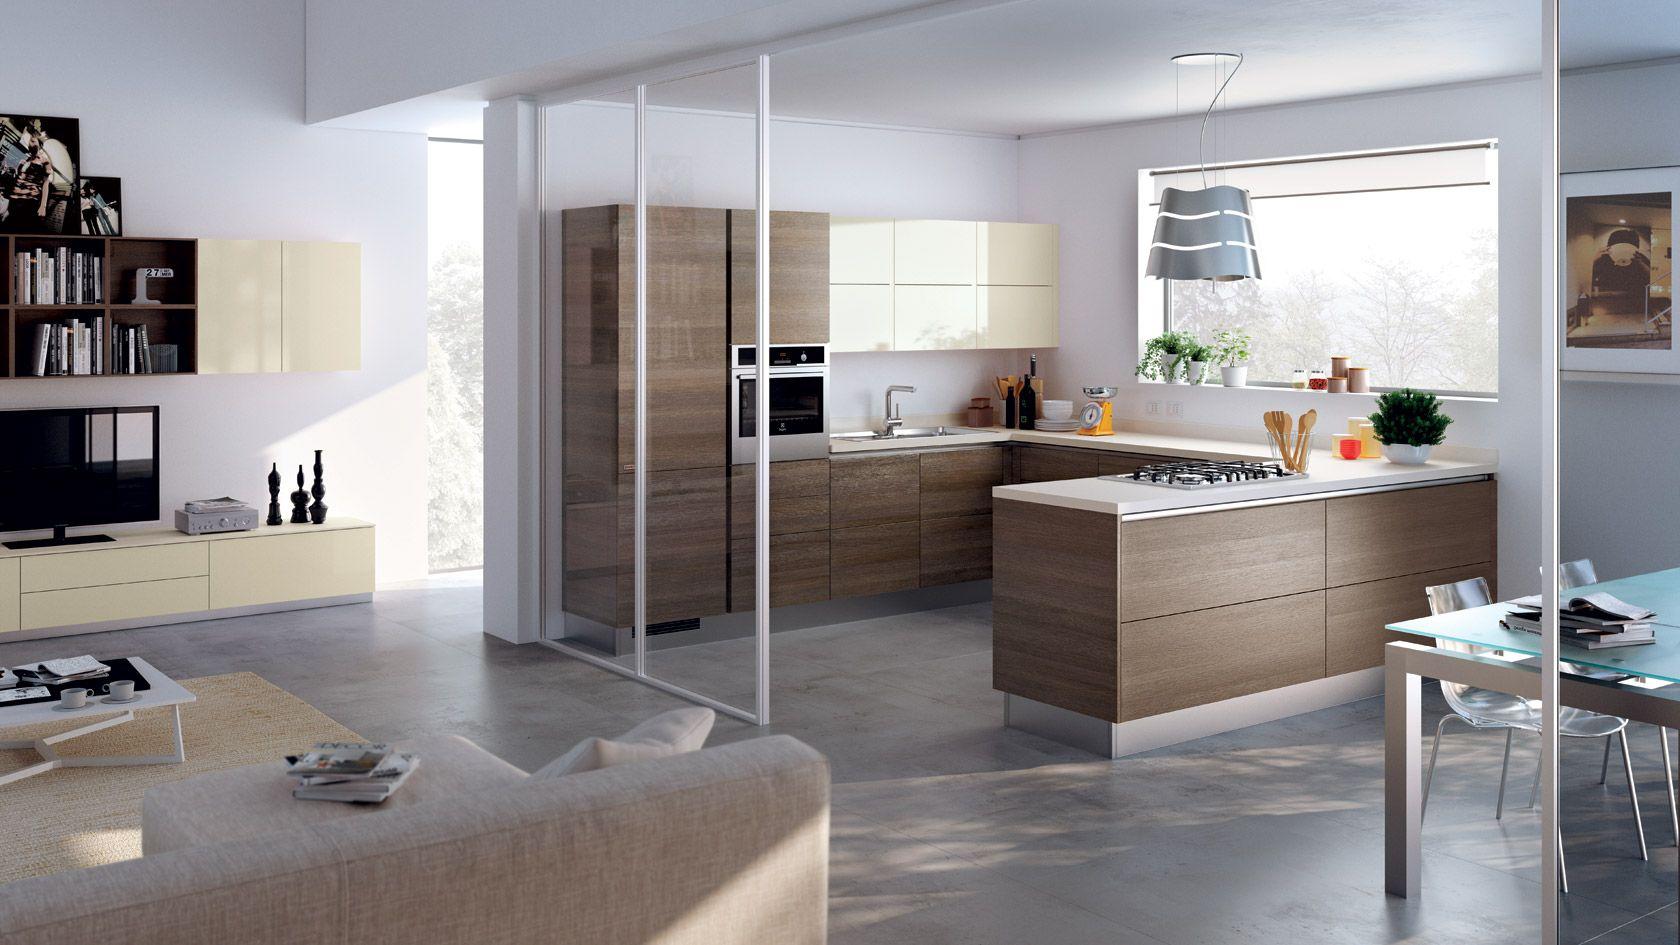 Cucina Evolution Scavolini | Home style-kitchen & accessorise ...